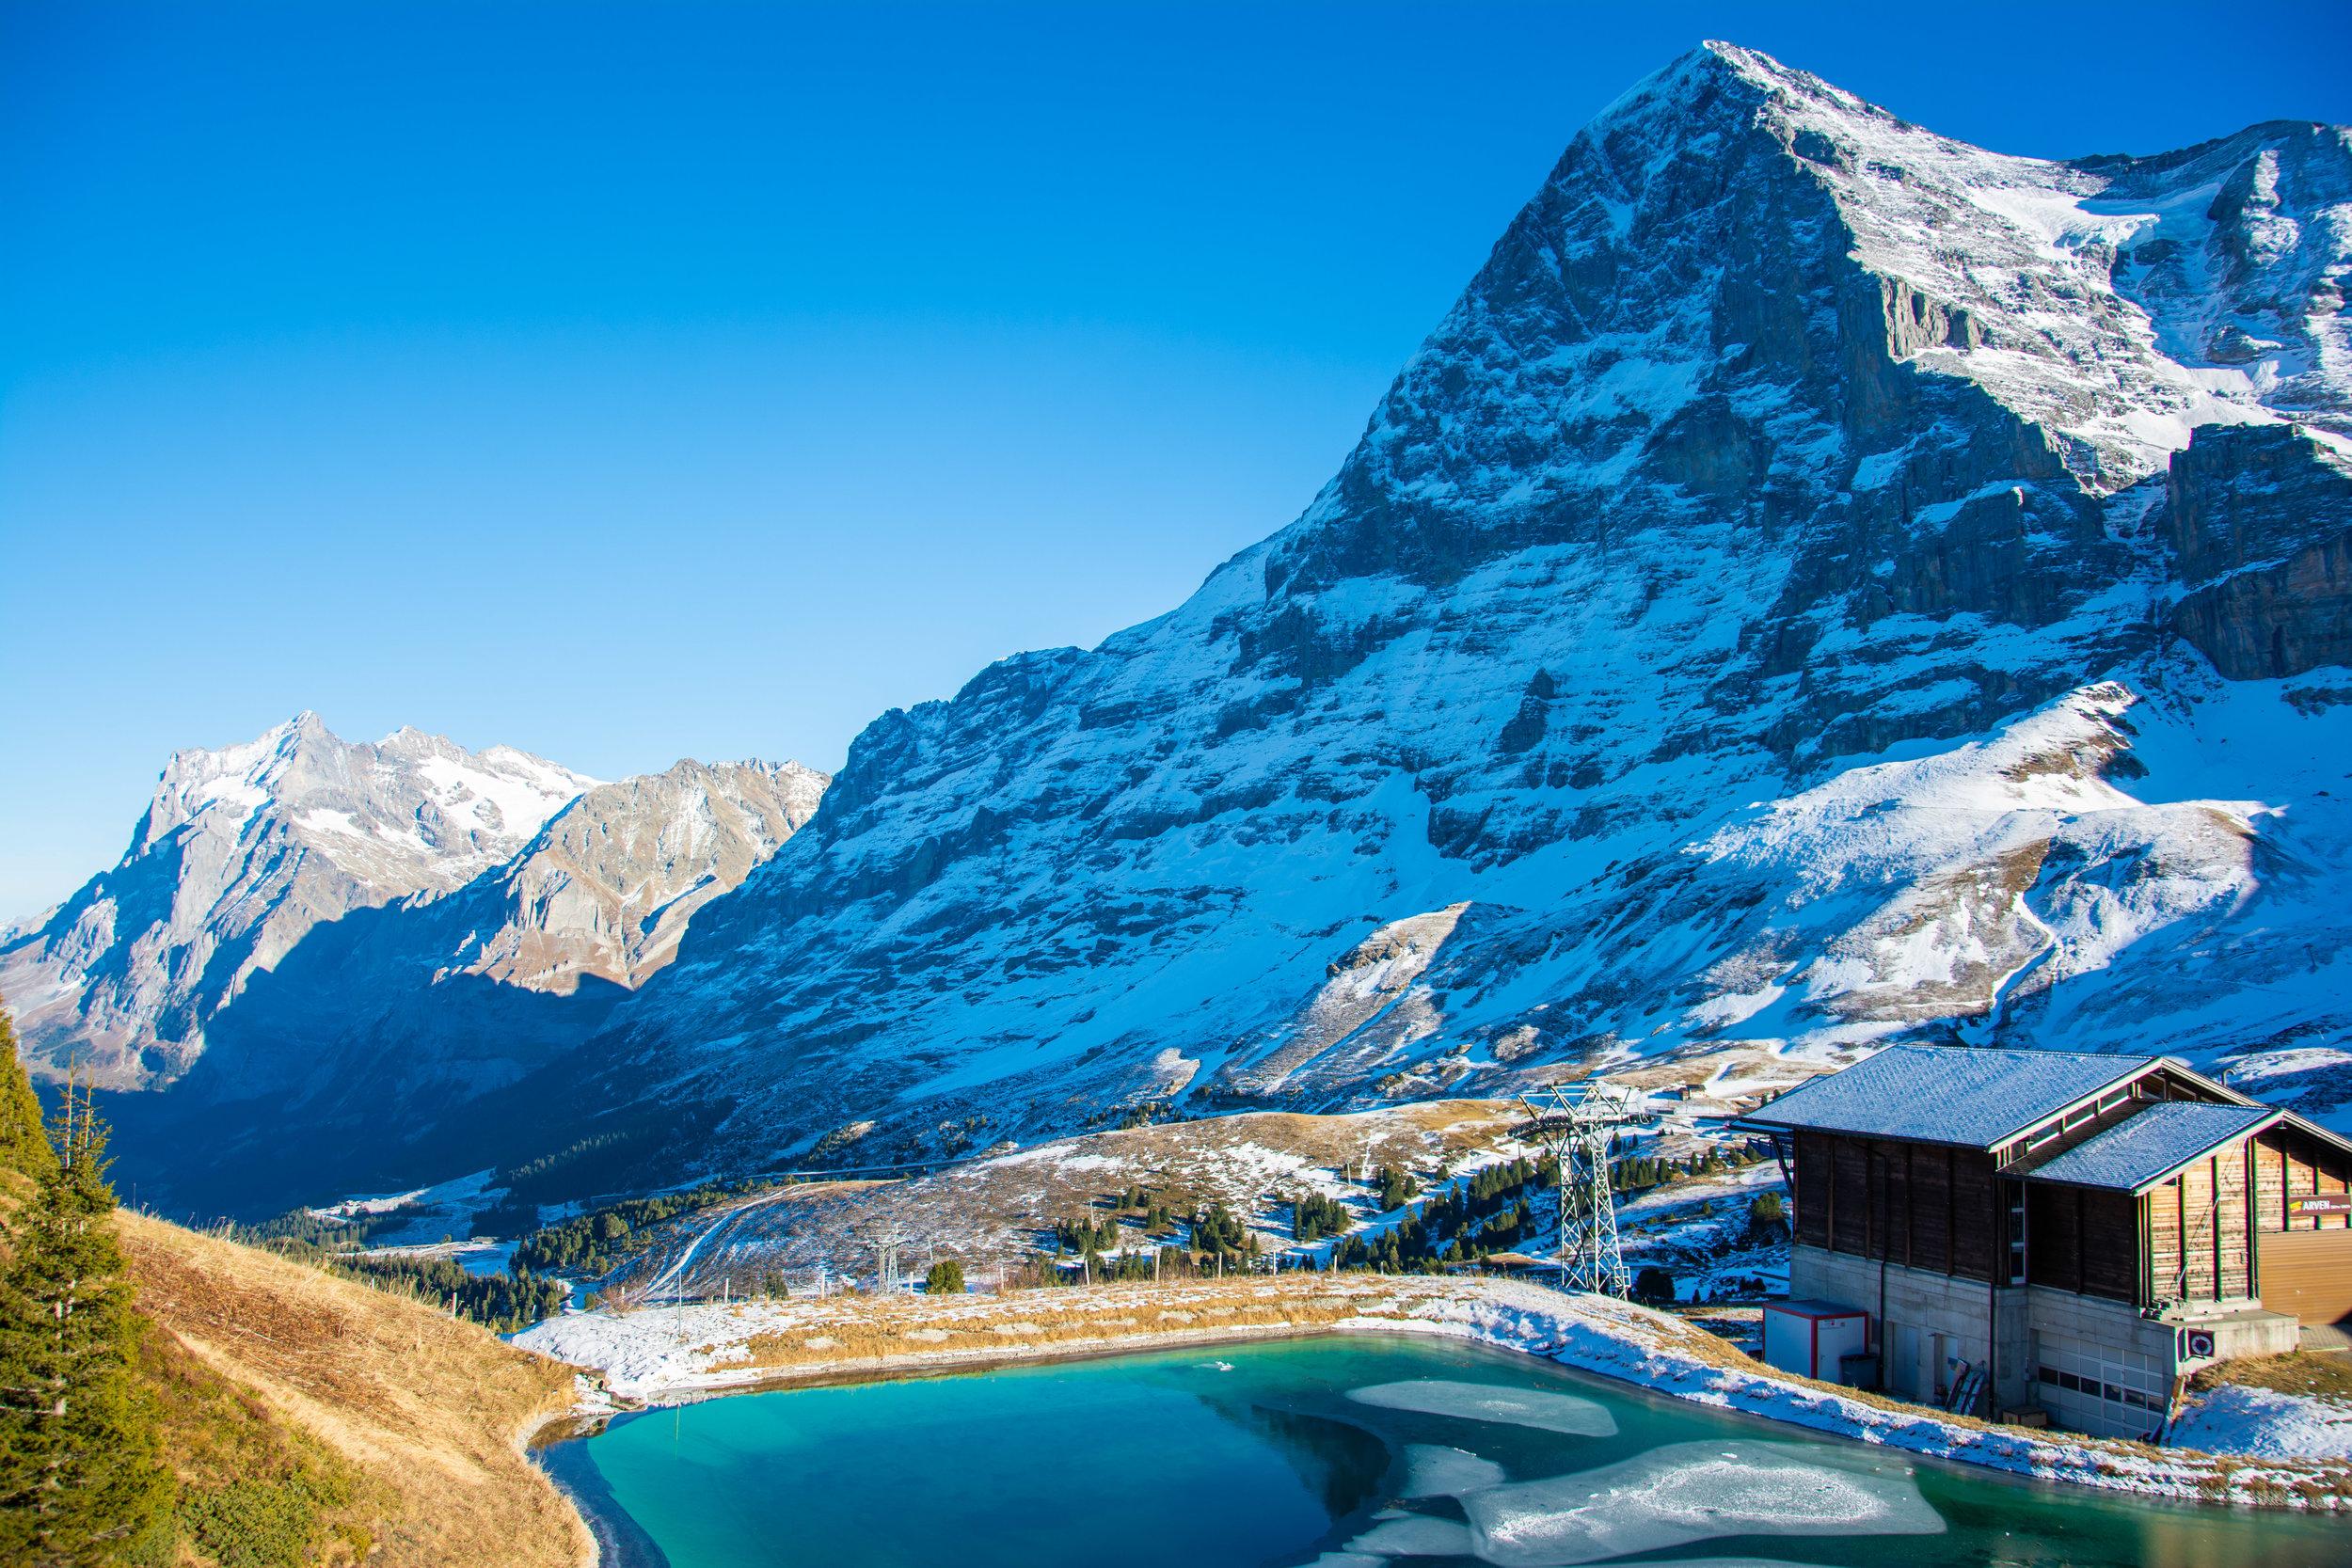 Summit of Eiger